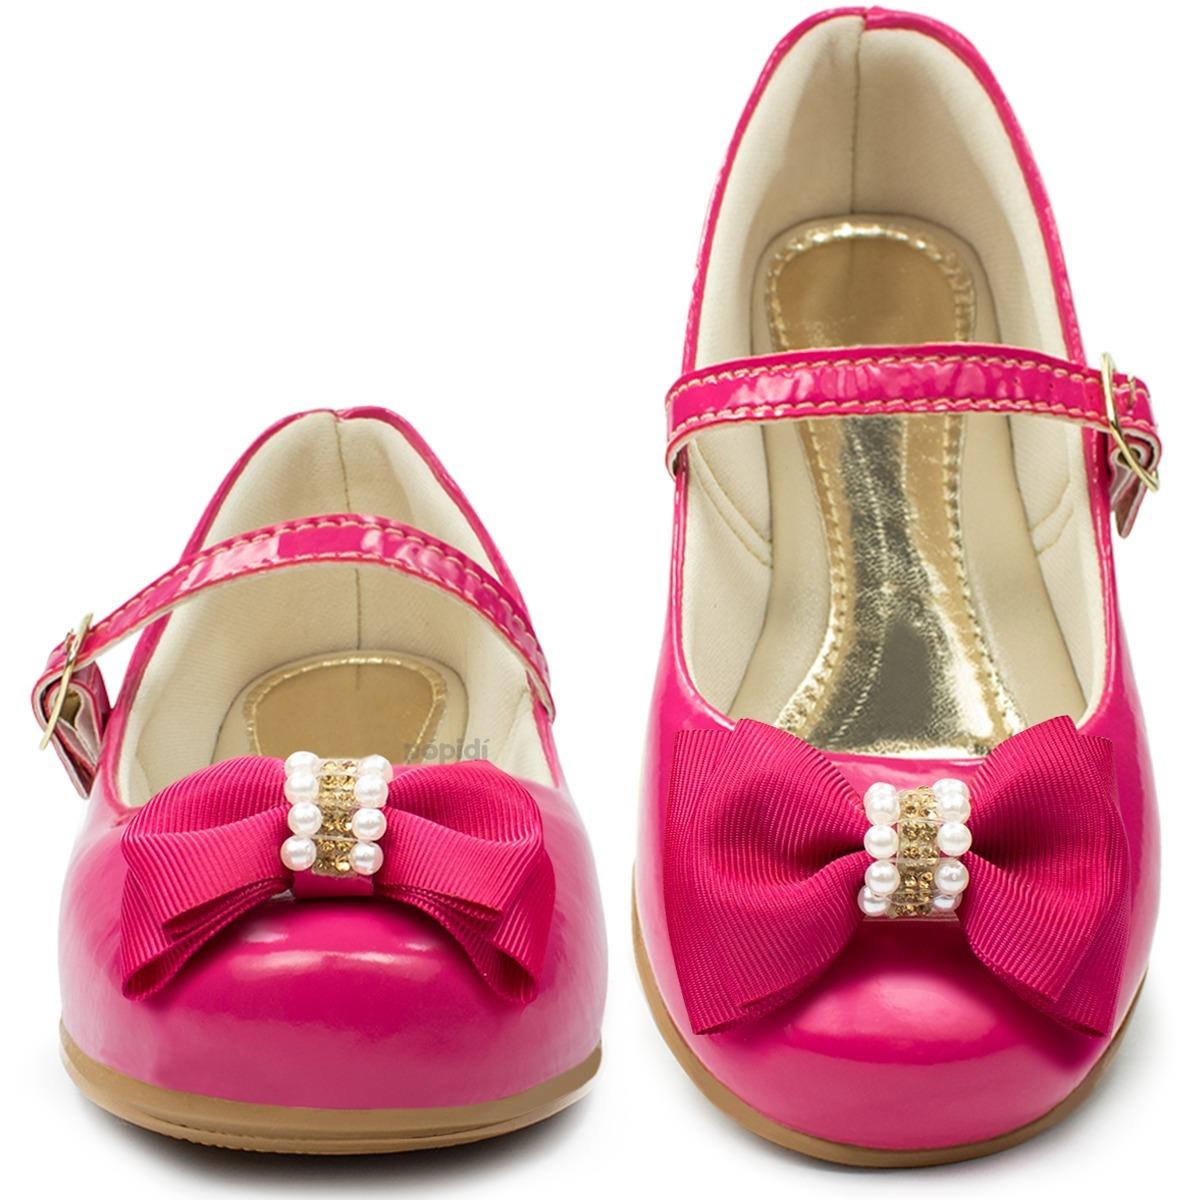 6fc7ee0ddc sapatilha infantil feminina menina sapato criança rasteira 7. Carregando  zoom.